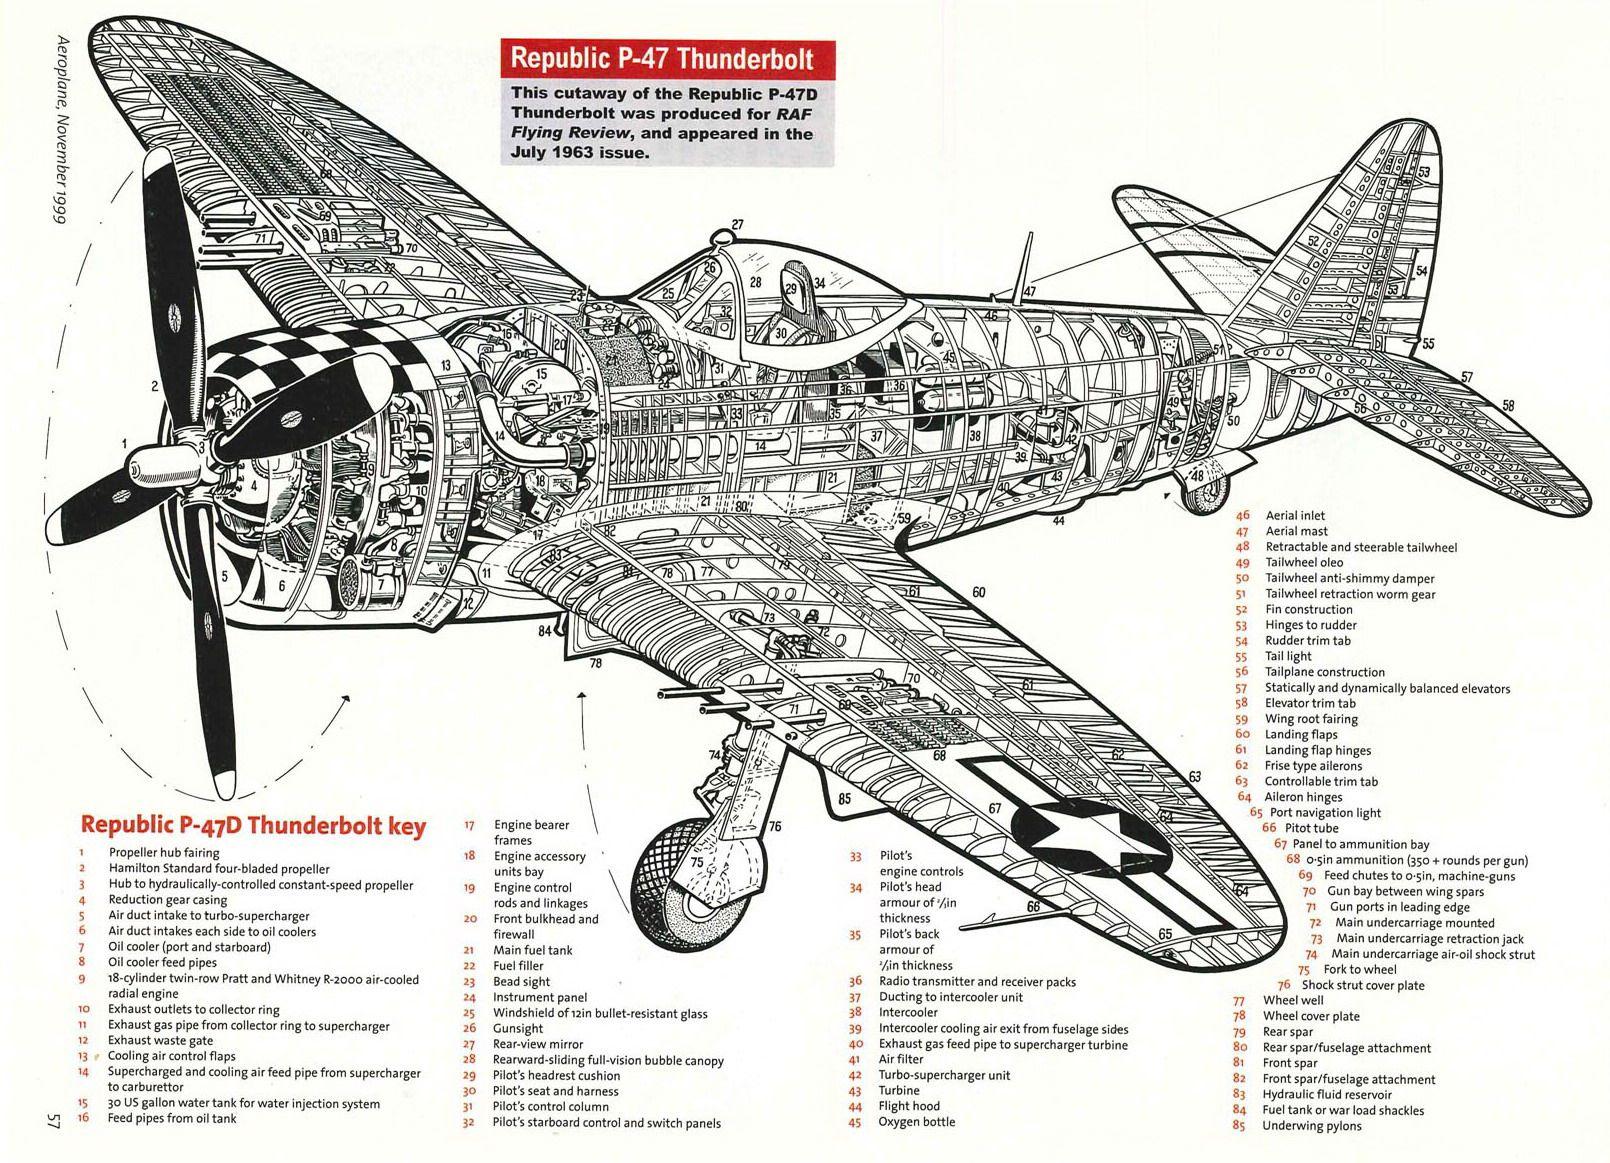 Republic P47d Thunderbolt Cutaway